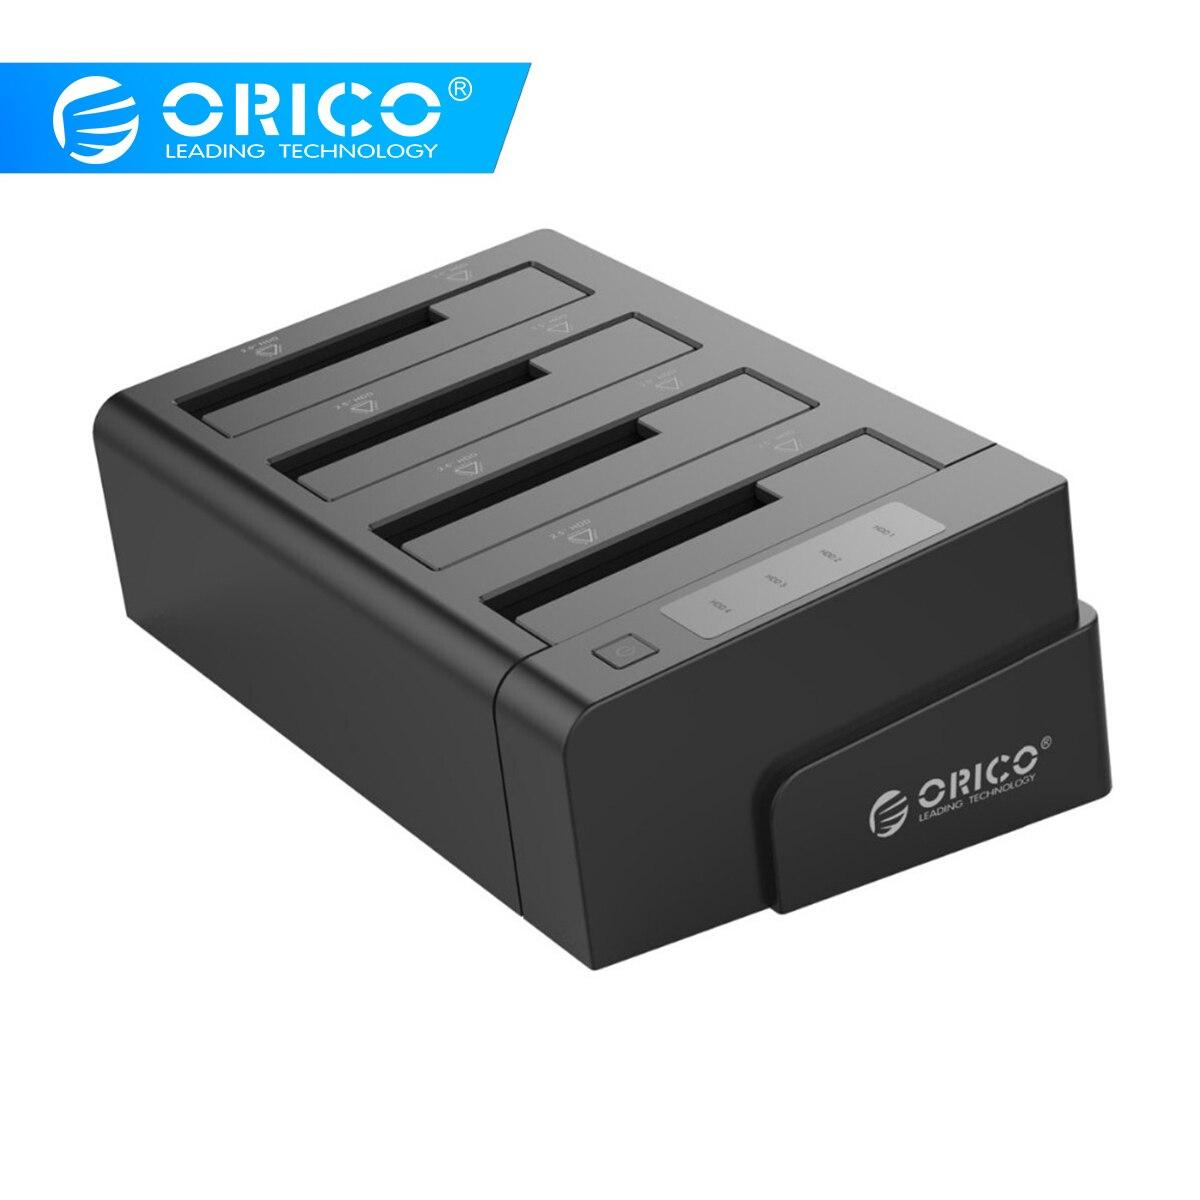 2.5 3.5 pouces USB 3.0 à SATA disque dur Station d'accueil/duplicateur Support MAX 32 to avec adaptateur d'alimentation 12V6. 5A (ORICO 6648US3-C)